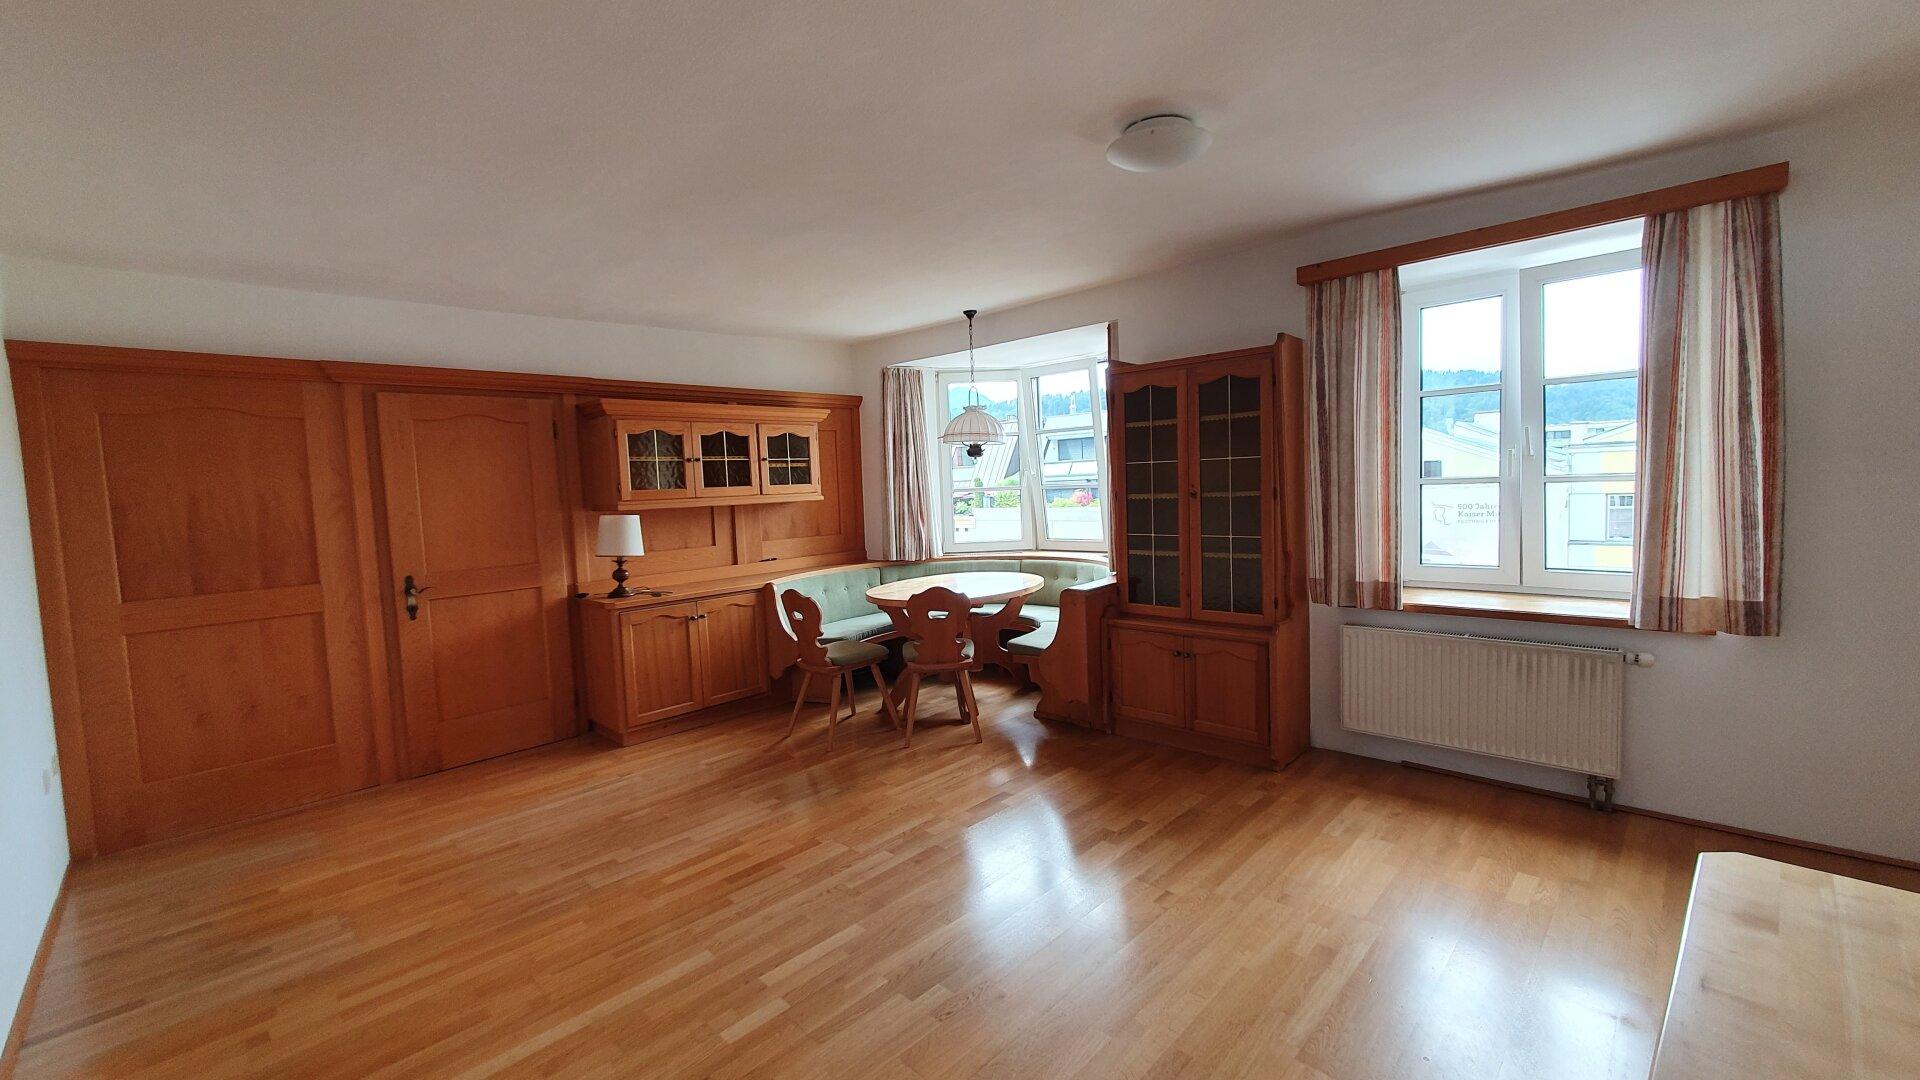 Mietwohnung Kufstein, Wohnzimmer